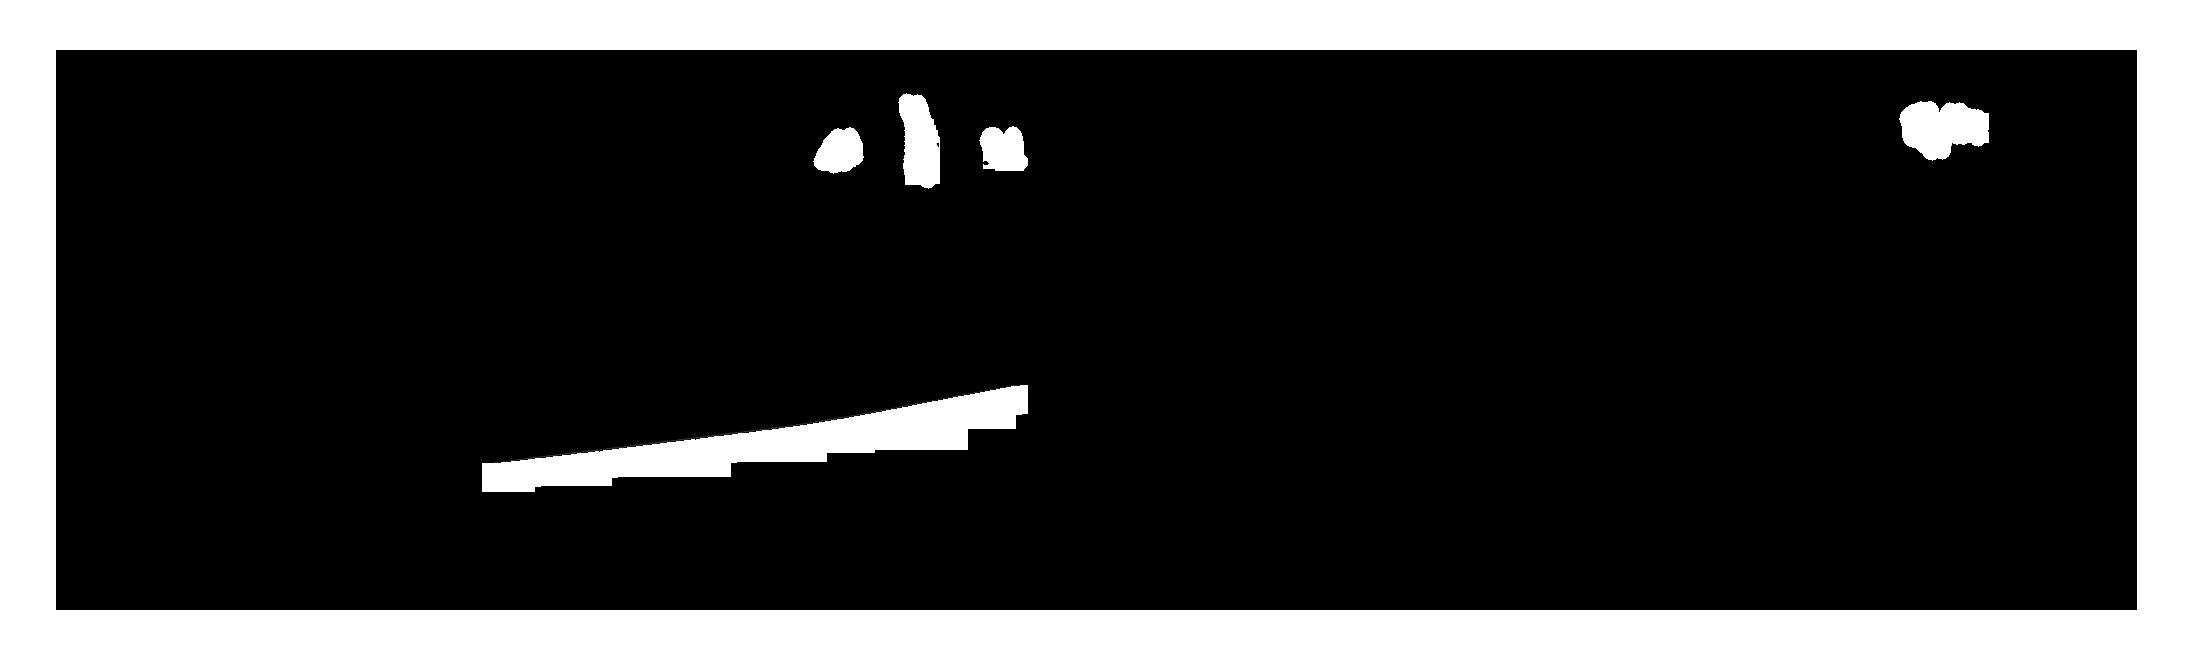 09d8848e-dda8-48a9-b6de-107847c2363b